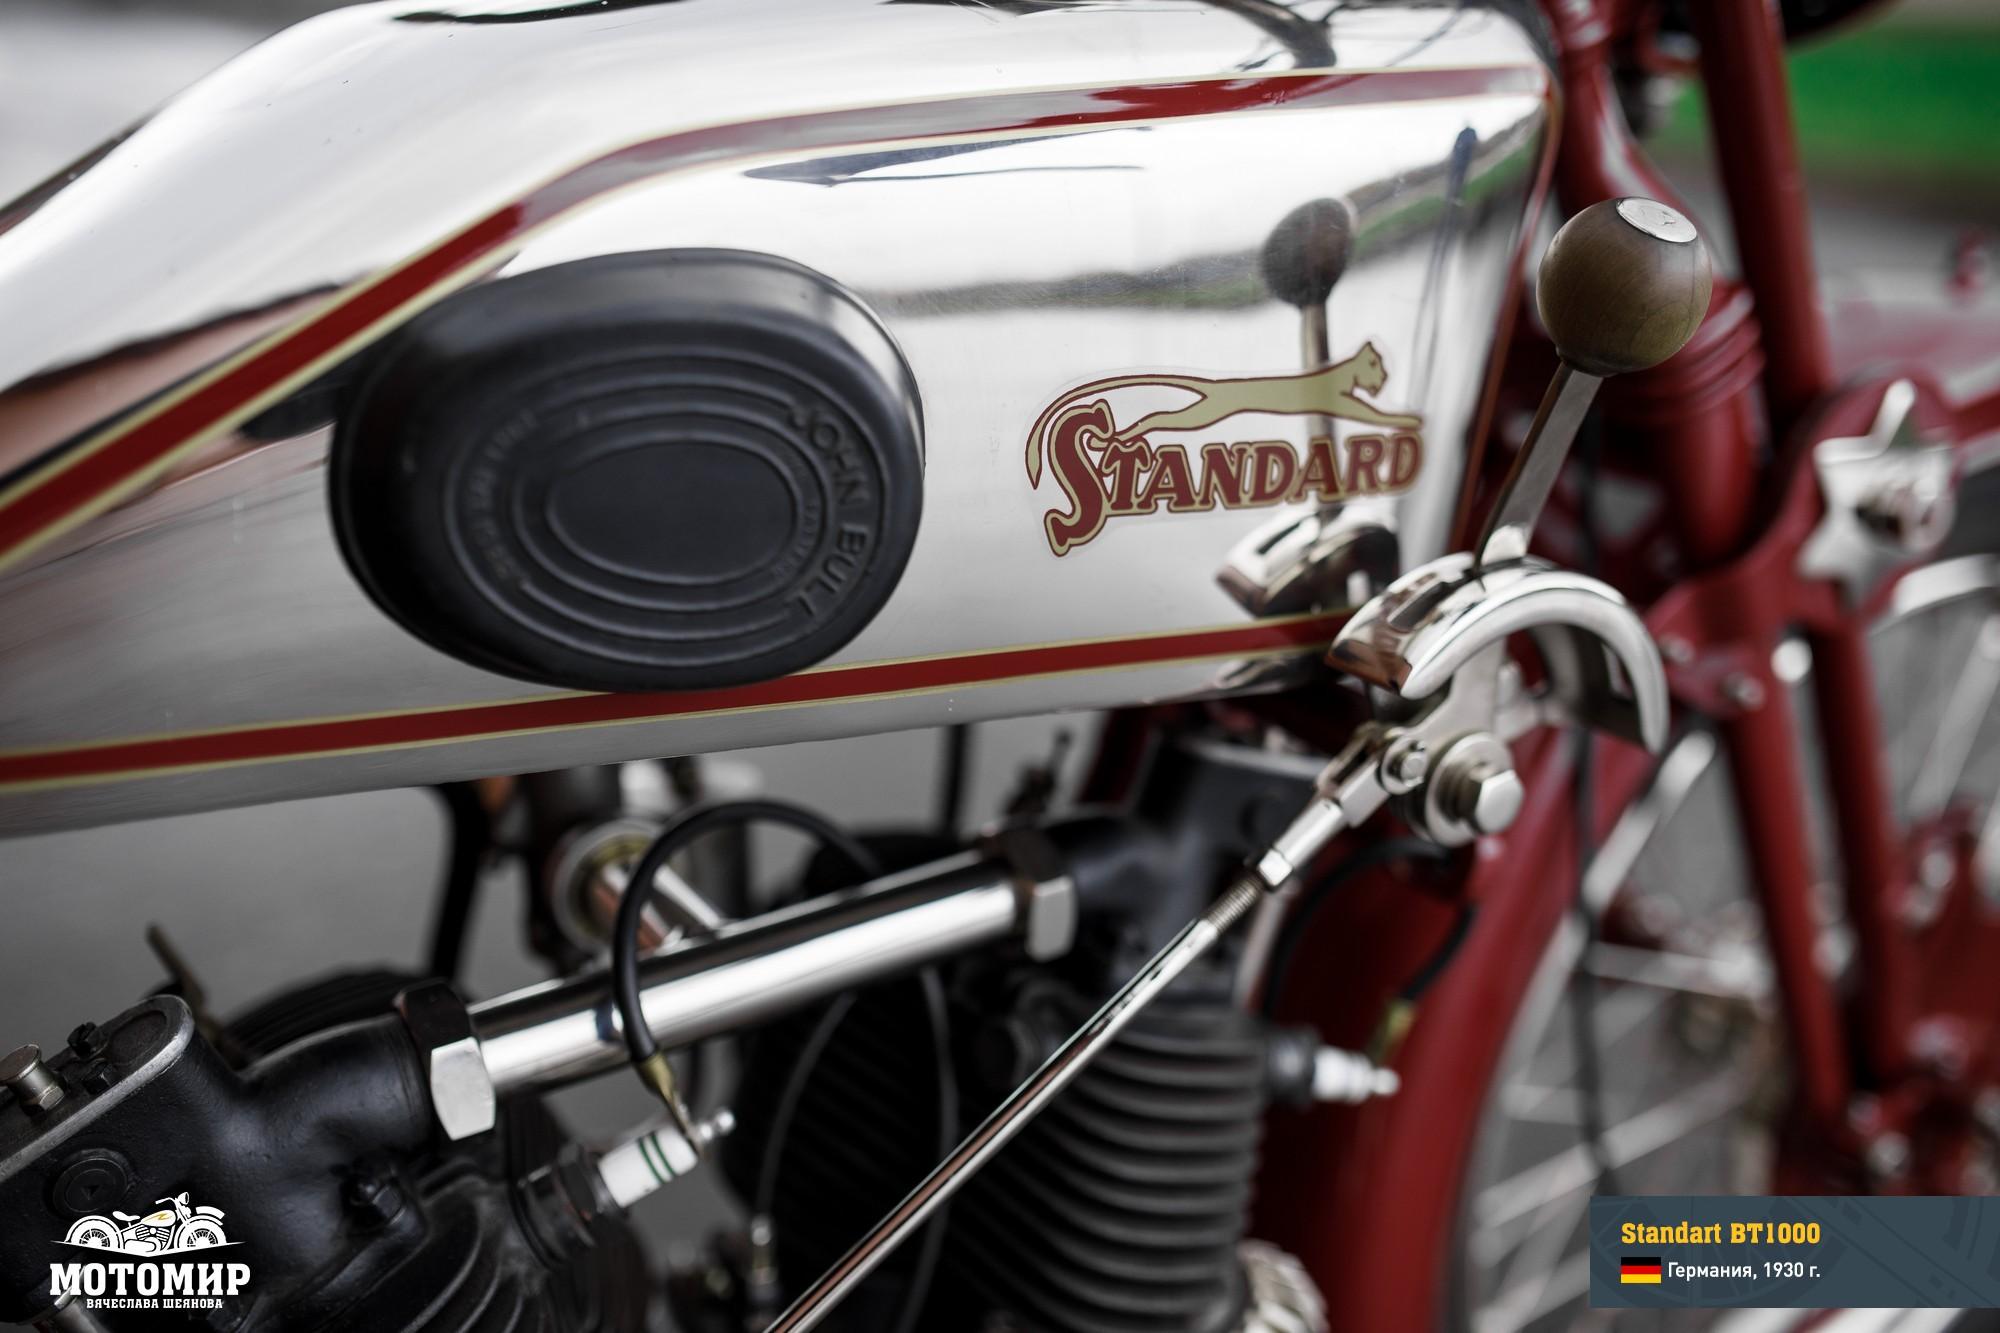 standart-bt-1000-web-17